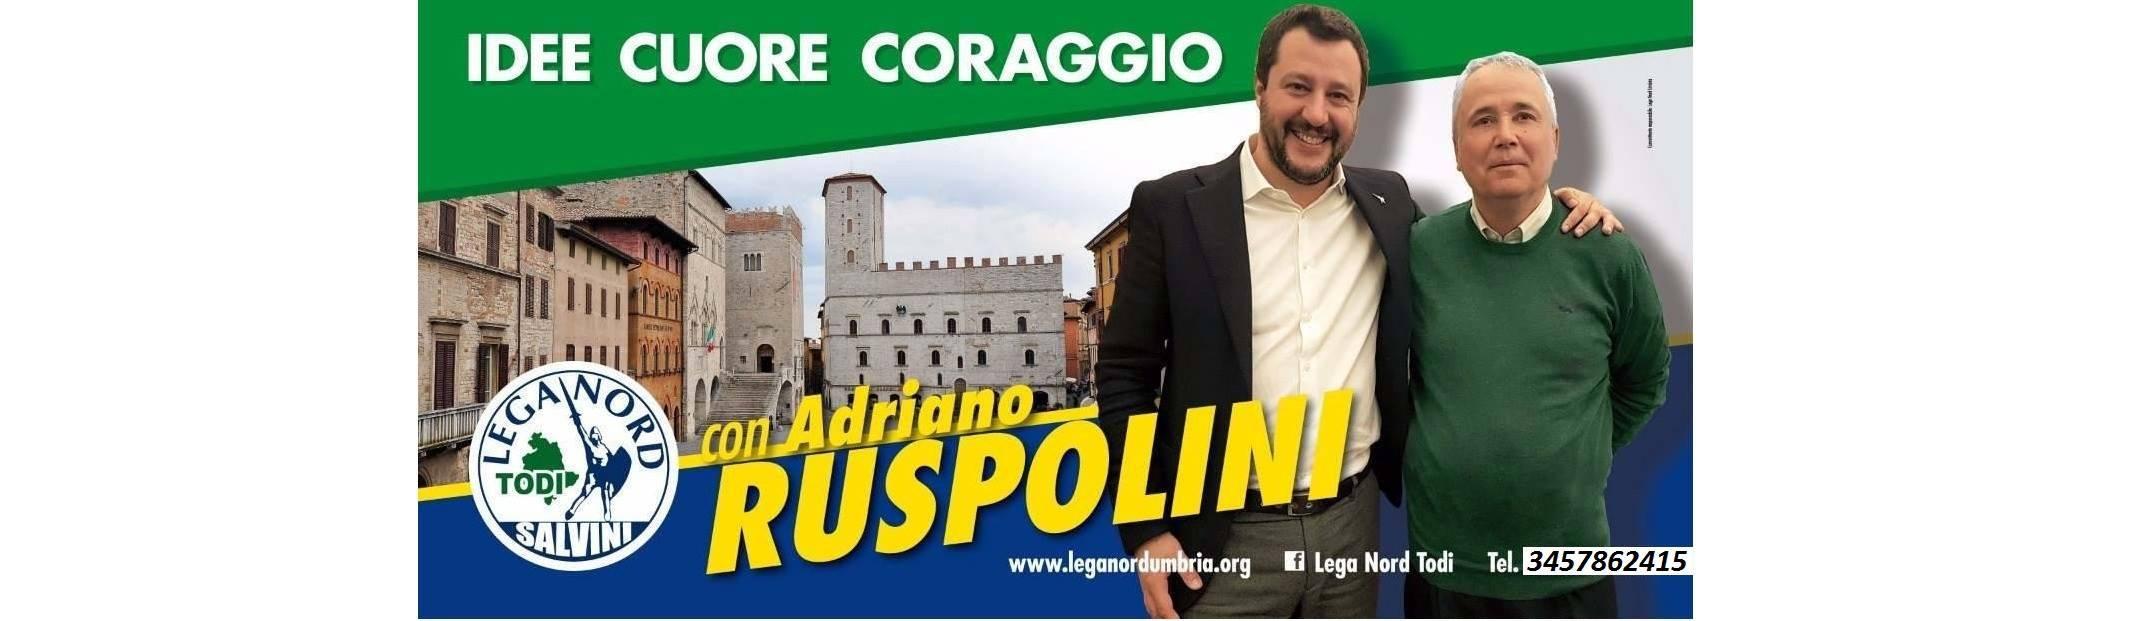 Todi, a sostengo di Adriano Ruspolini arriva Matteo Salvini